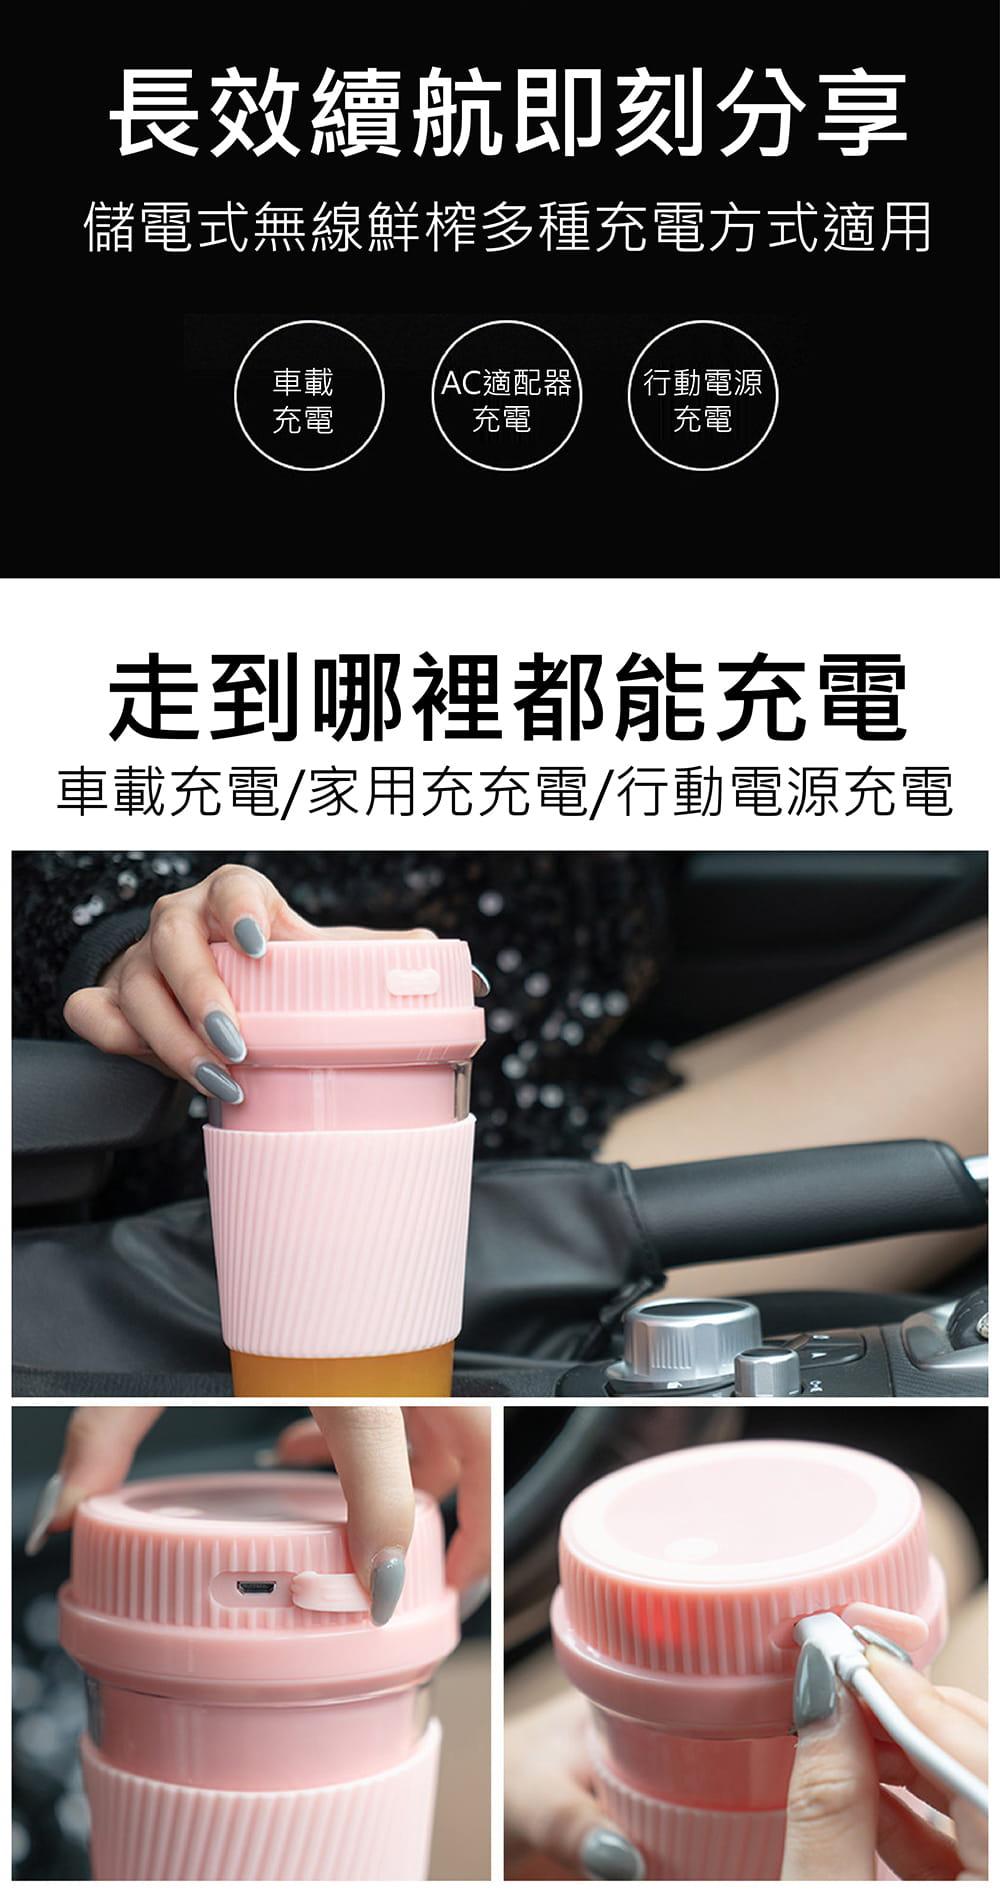 【英才星】隨身電動杯裝果汁榨汁機 13